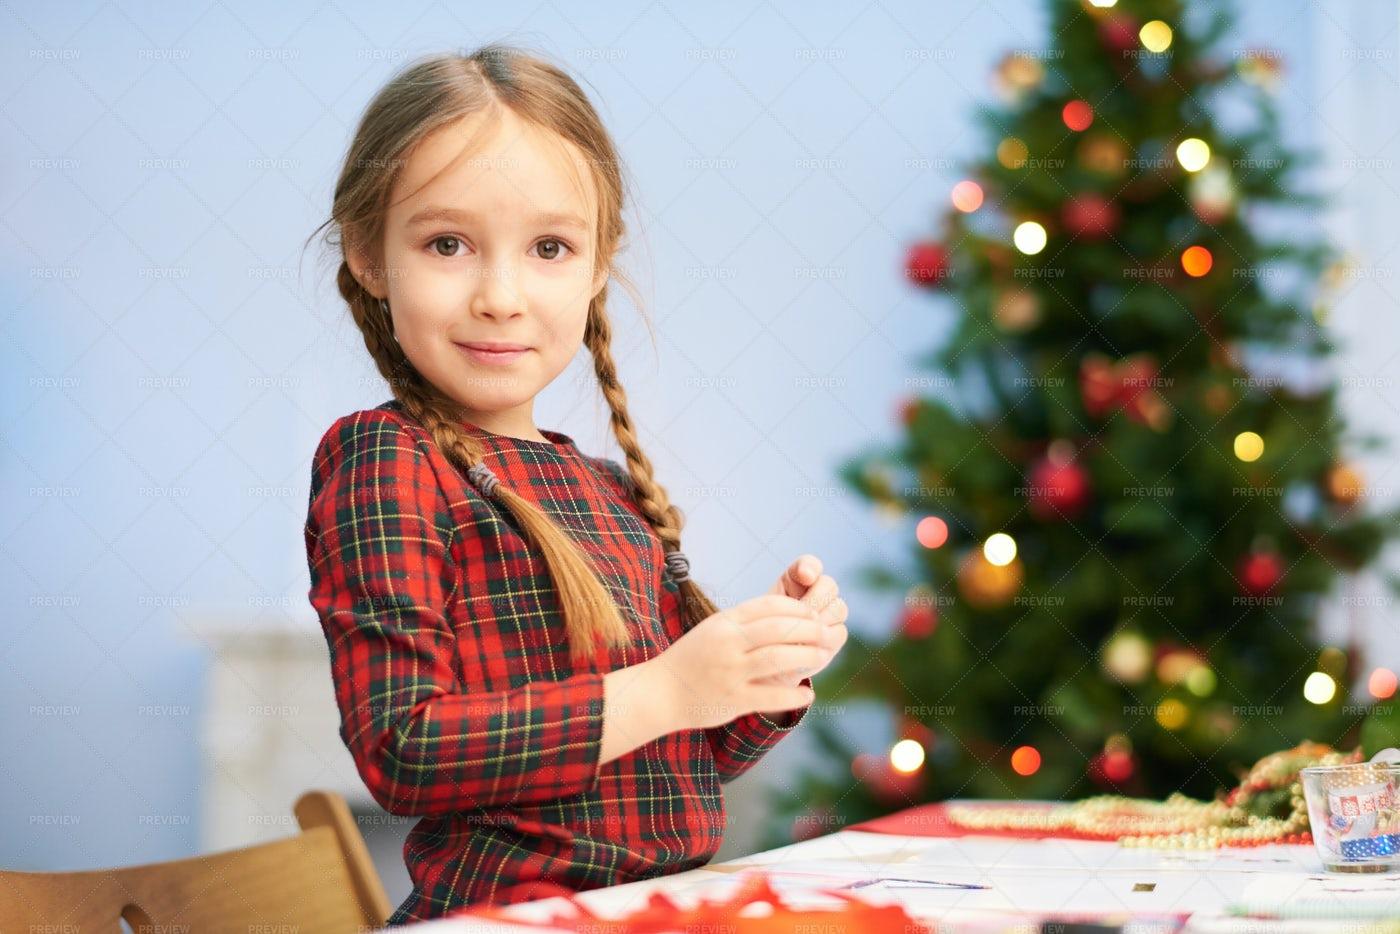 Preparing Christmas Surprise: Stock Photos